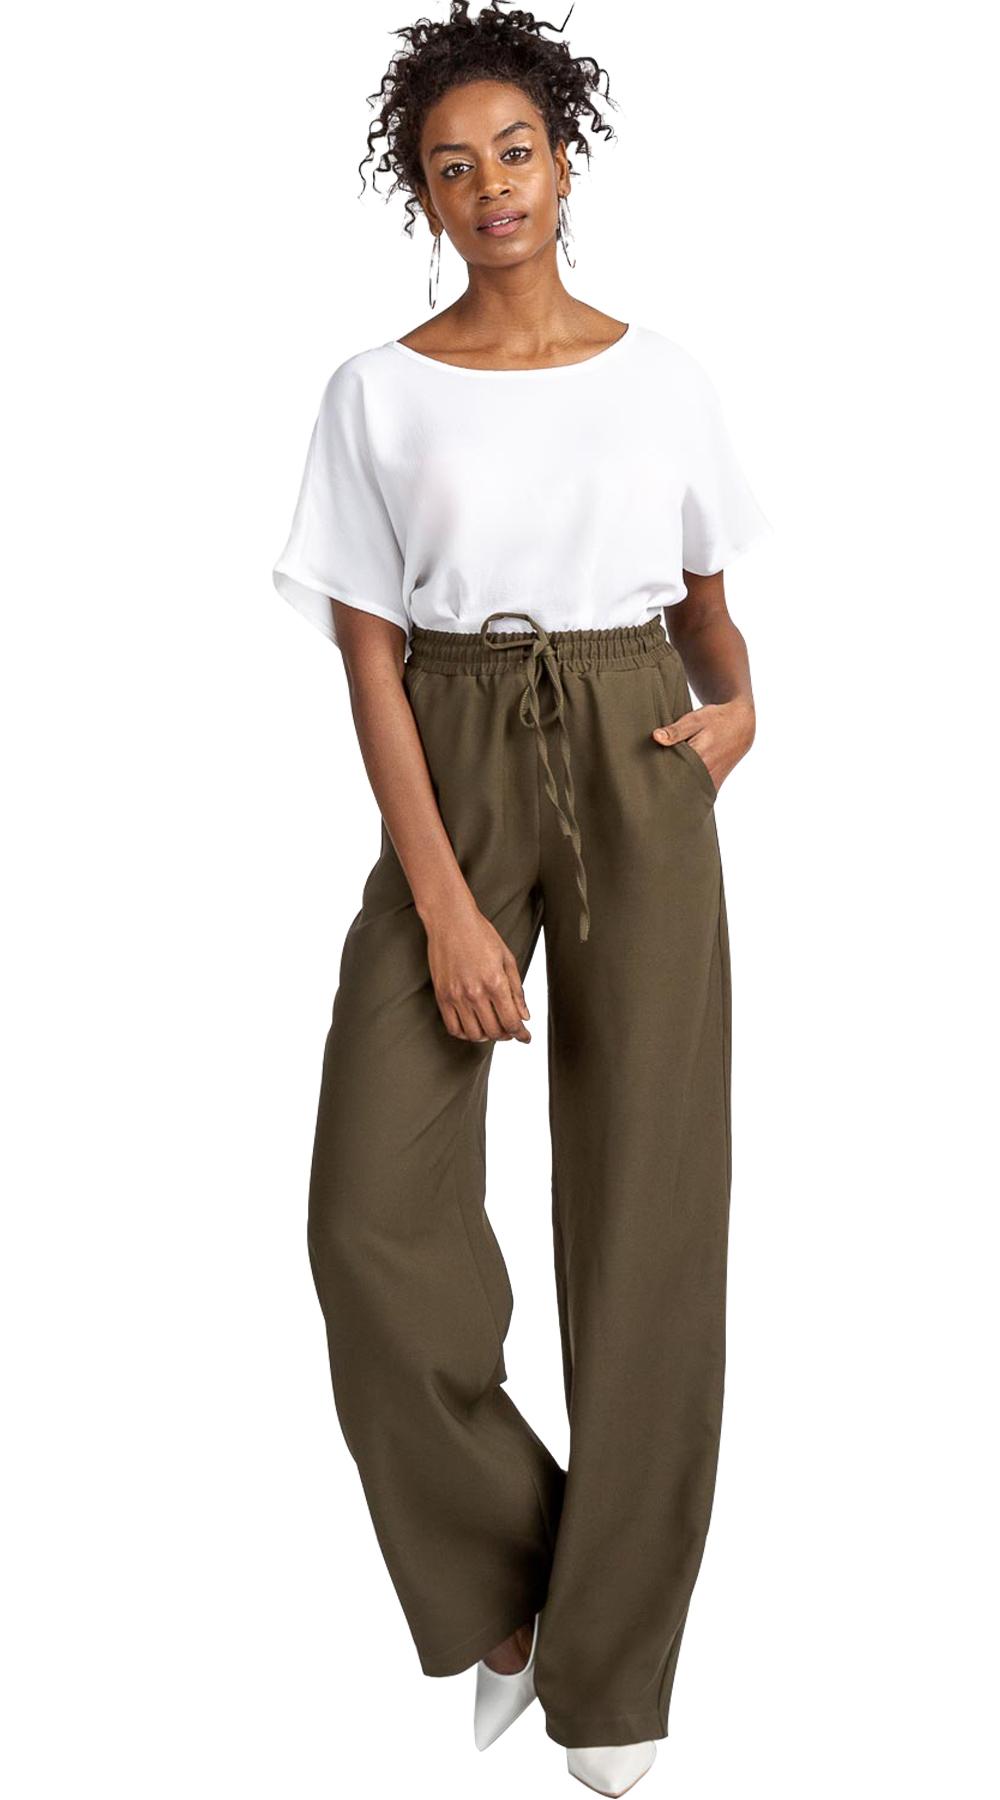 Παντελόνι με λάστιχο στη μέση - Greek Brands - SP19AN-325206 ενδύματα παντελόνια   κολάν